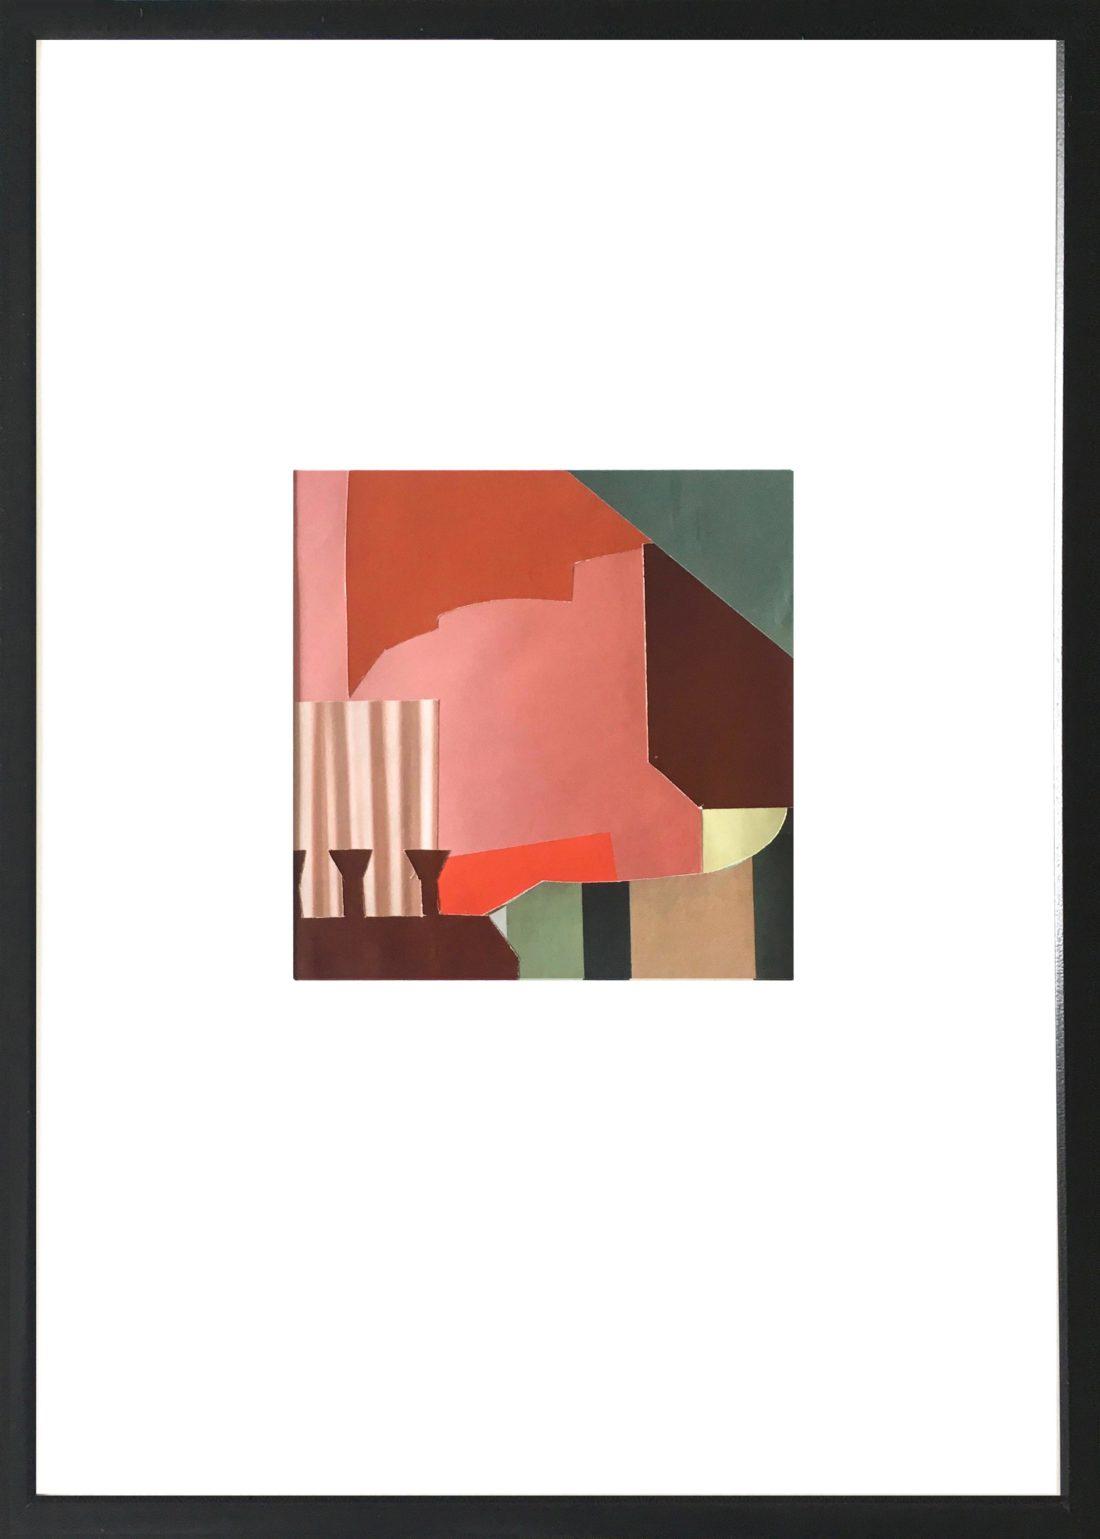 Pascaline Sauzay - Collage - Variation imaginaire 5